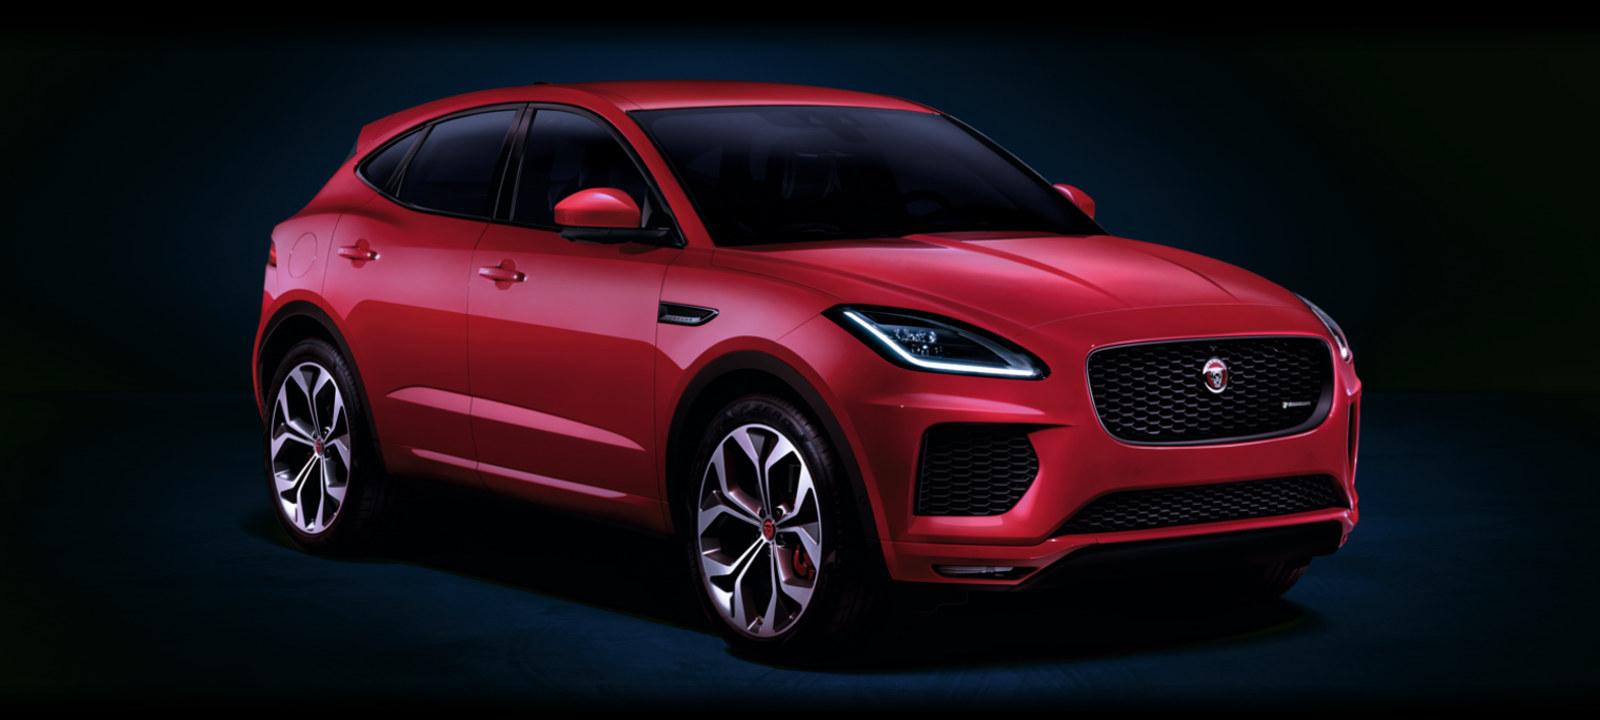 Jaguar E-Pace z 0% opłaty wstępnej 2